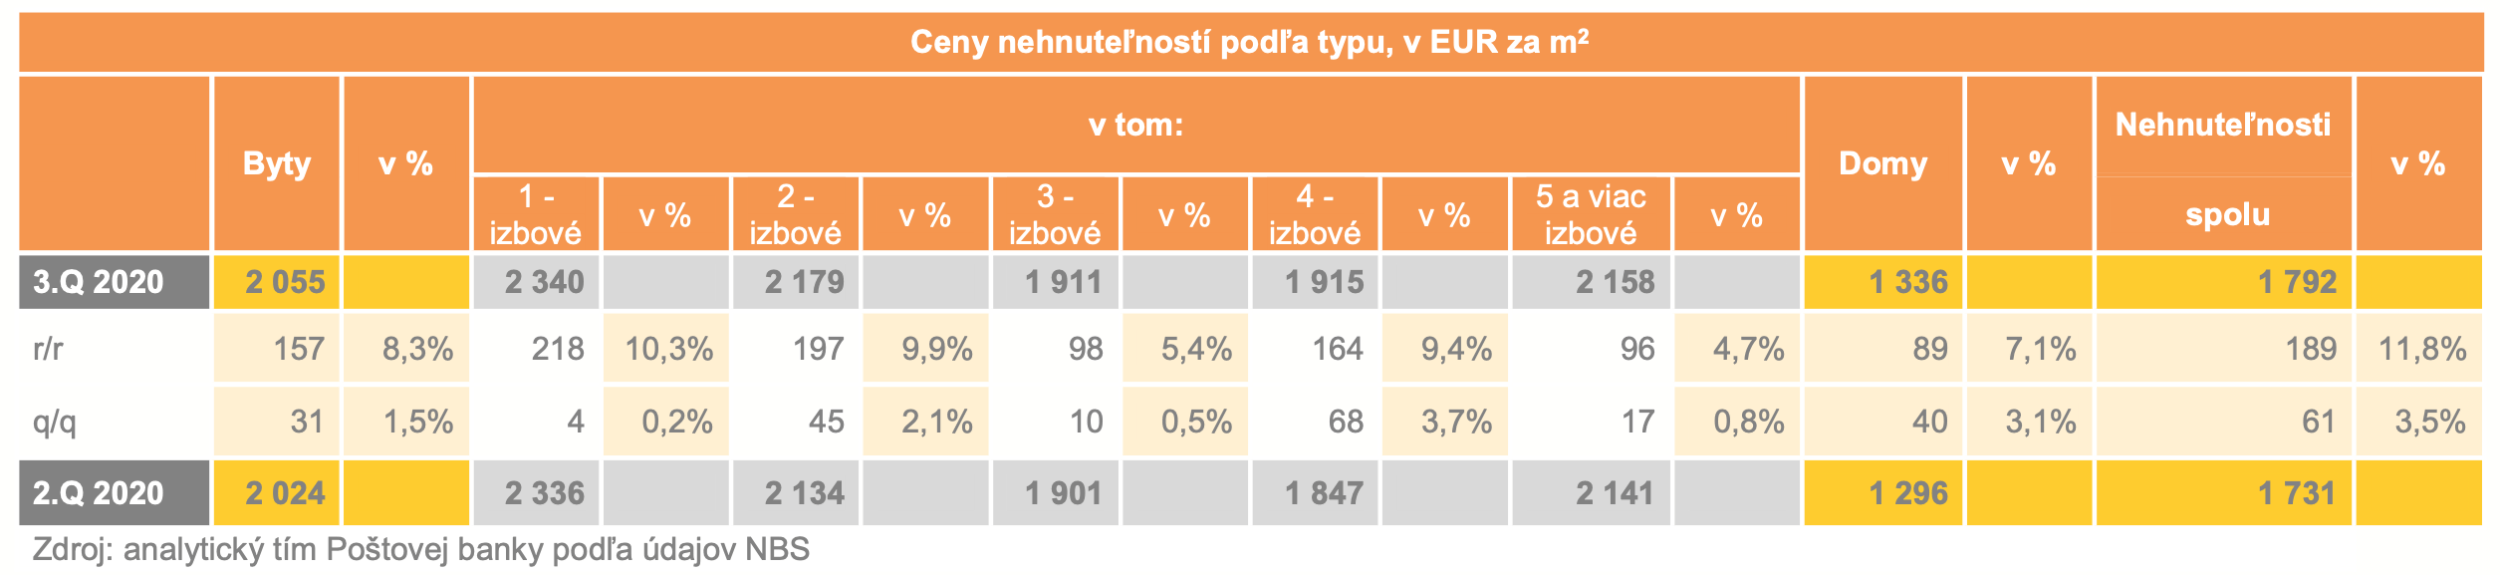 analytický tím Poštovej banky podľa údajov NBS